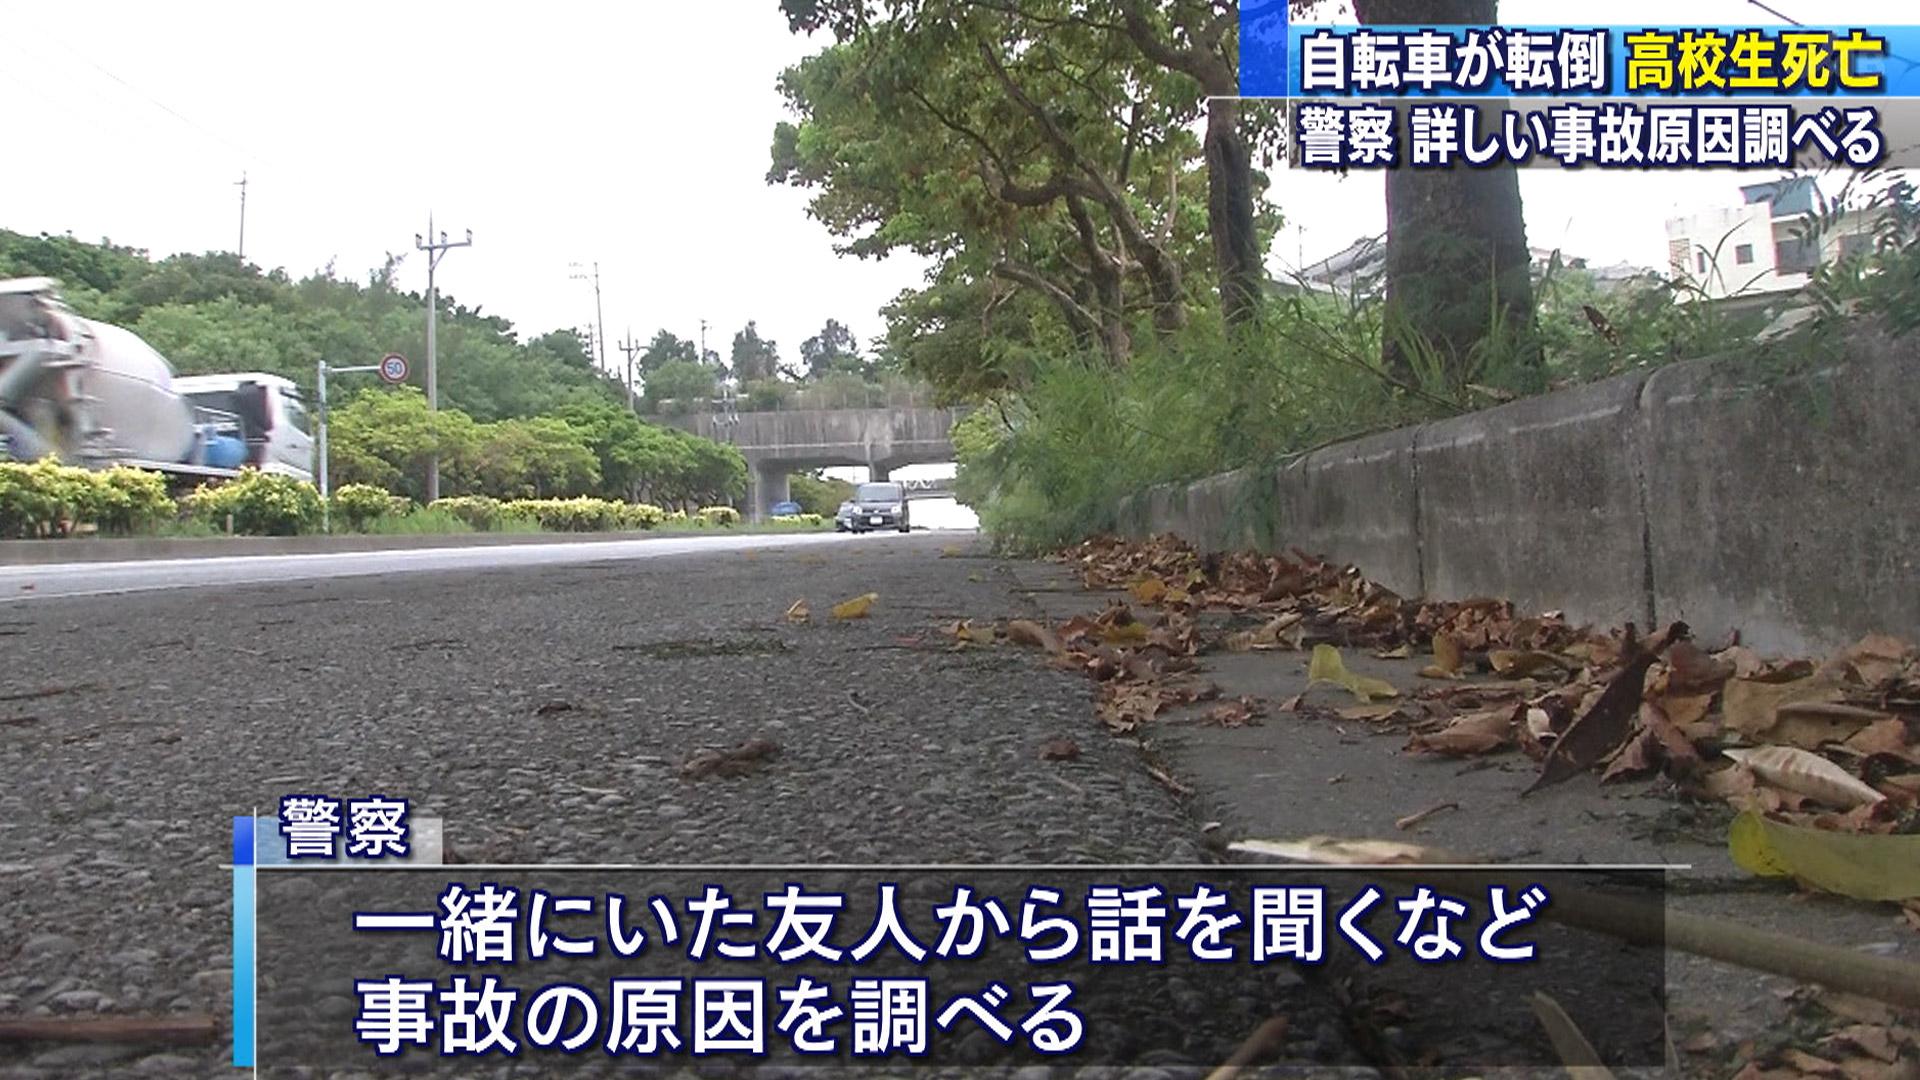 うるま市で自転車に乗っていた高校生が転倒し死亡